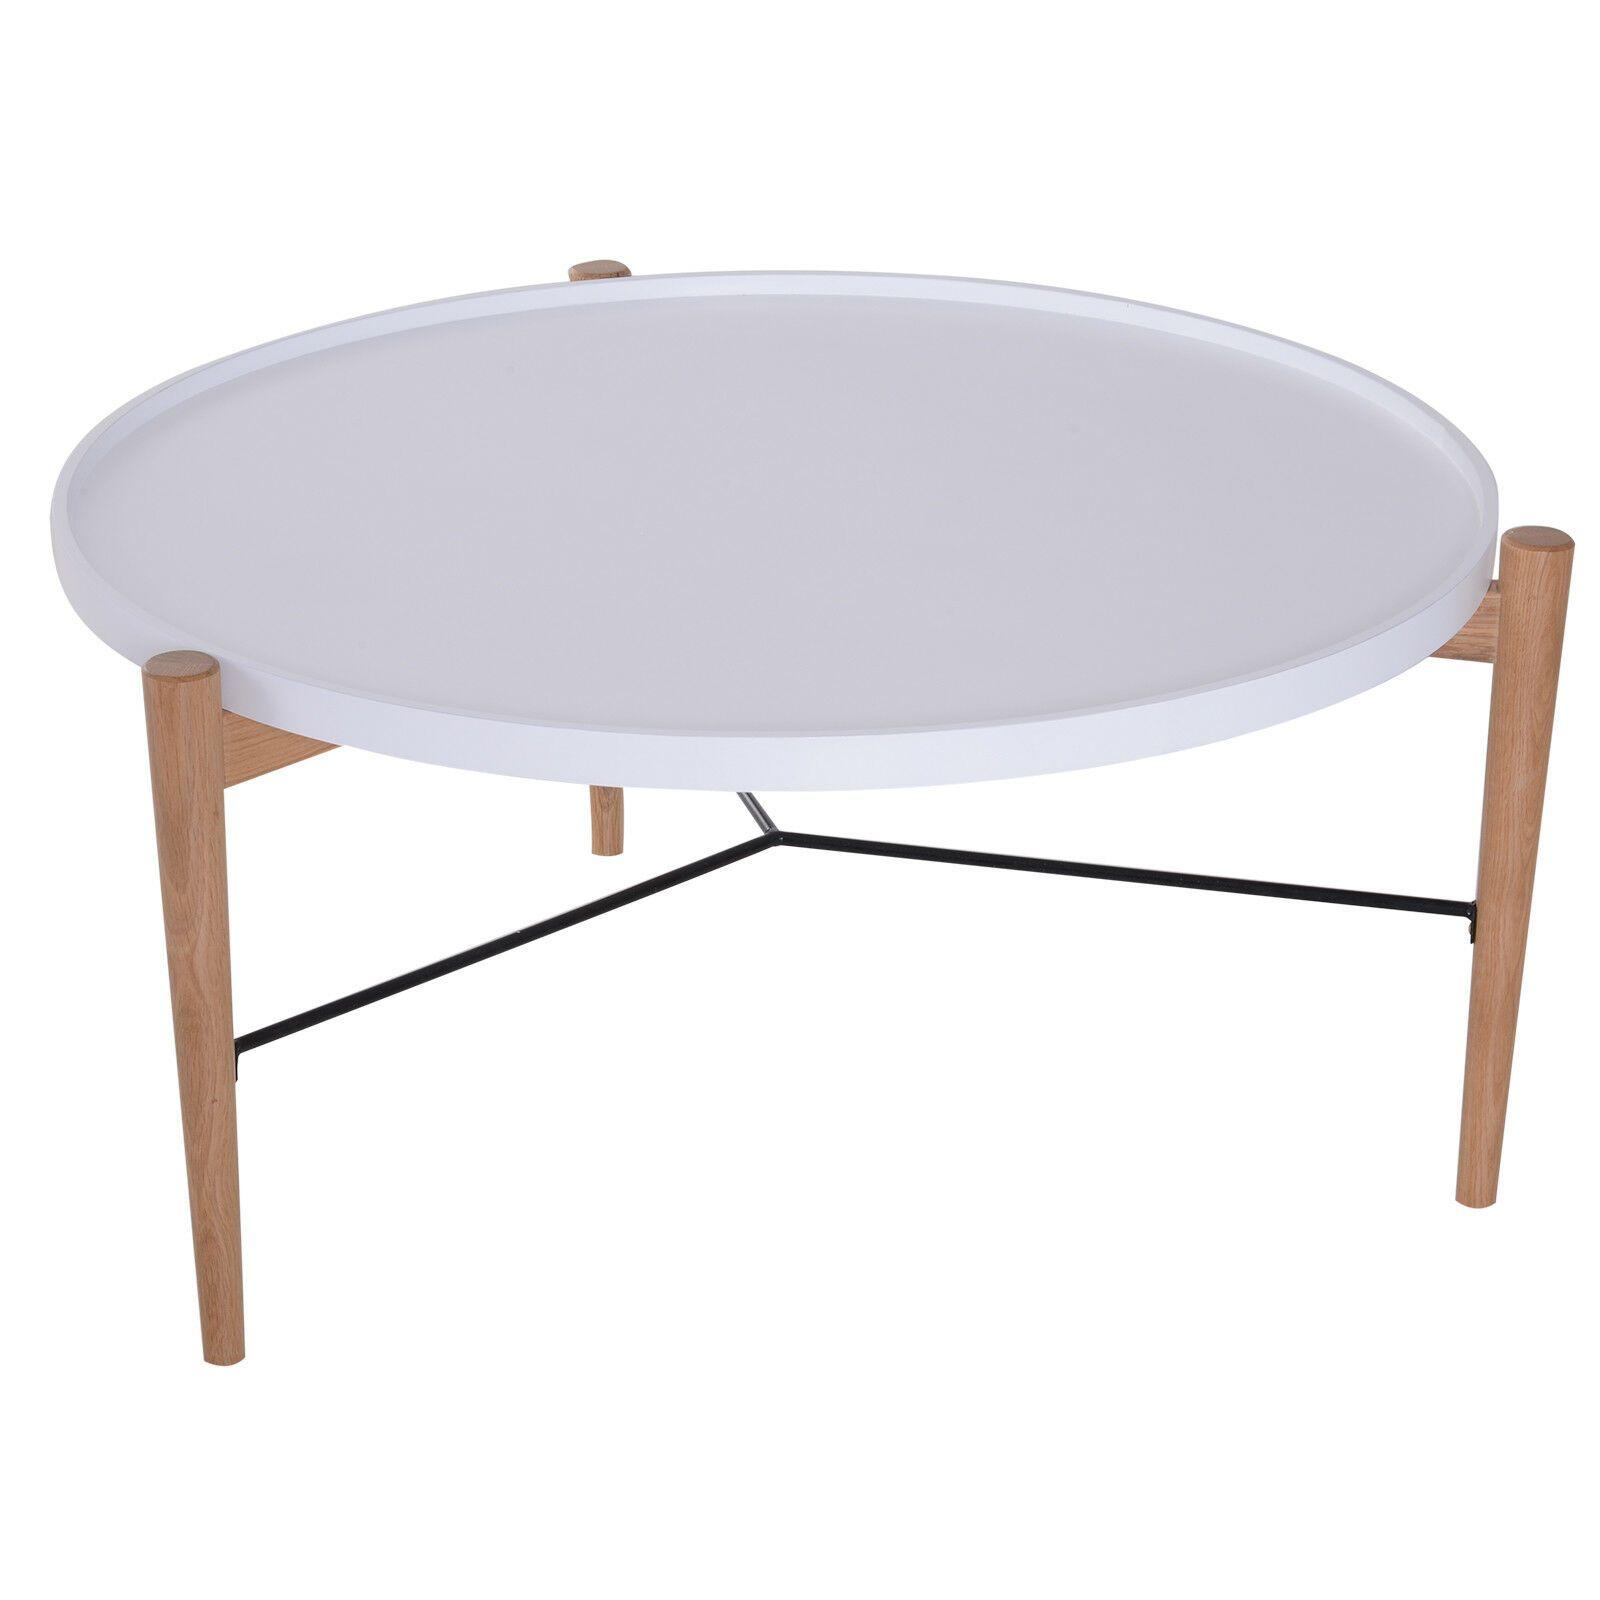 Table Basse Ronde Homcom Diametre 90cm Du Salon Steel 90x45cm Bois Acier 90cm 90x45cm Acier Basse Bois Diametre Du Table Basse Ronde Table Basse Table